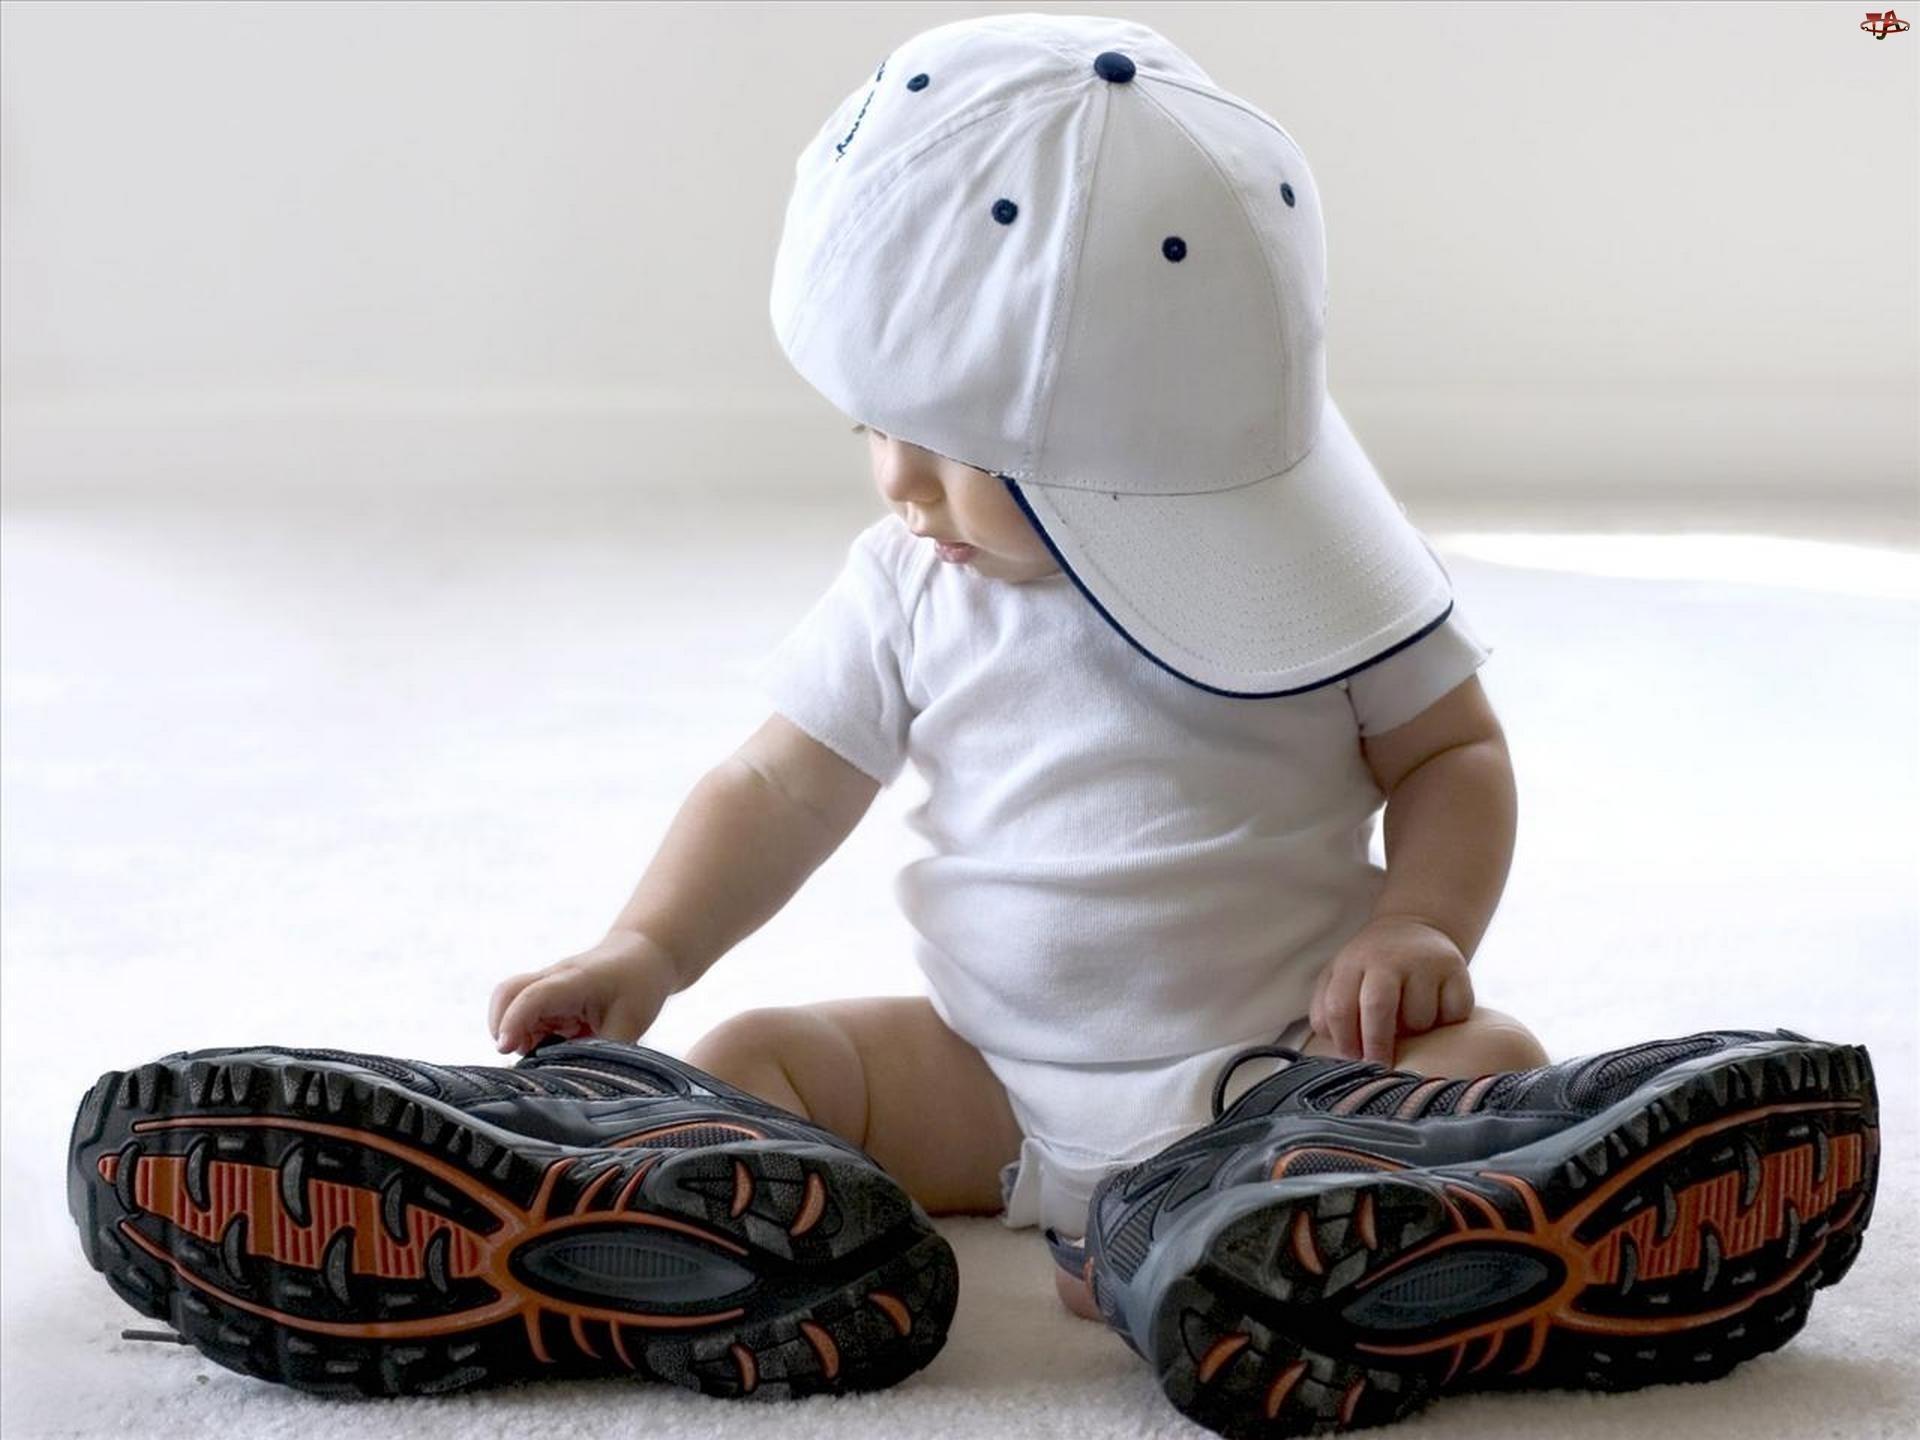 Czapka, Dziecko, Adidasy